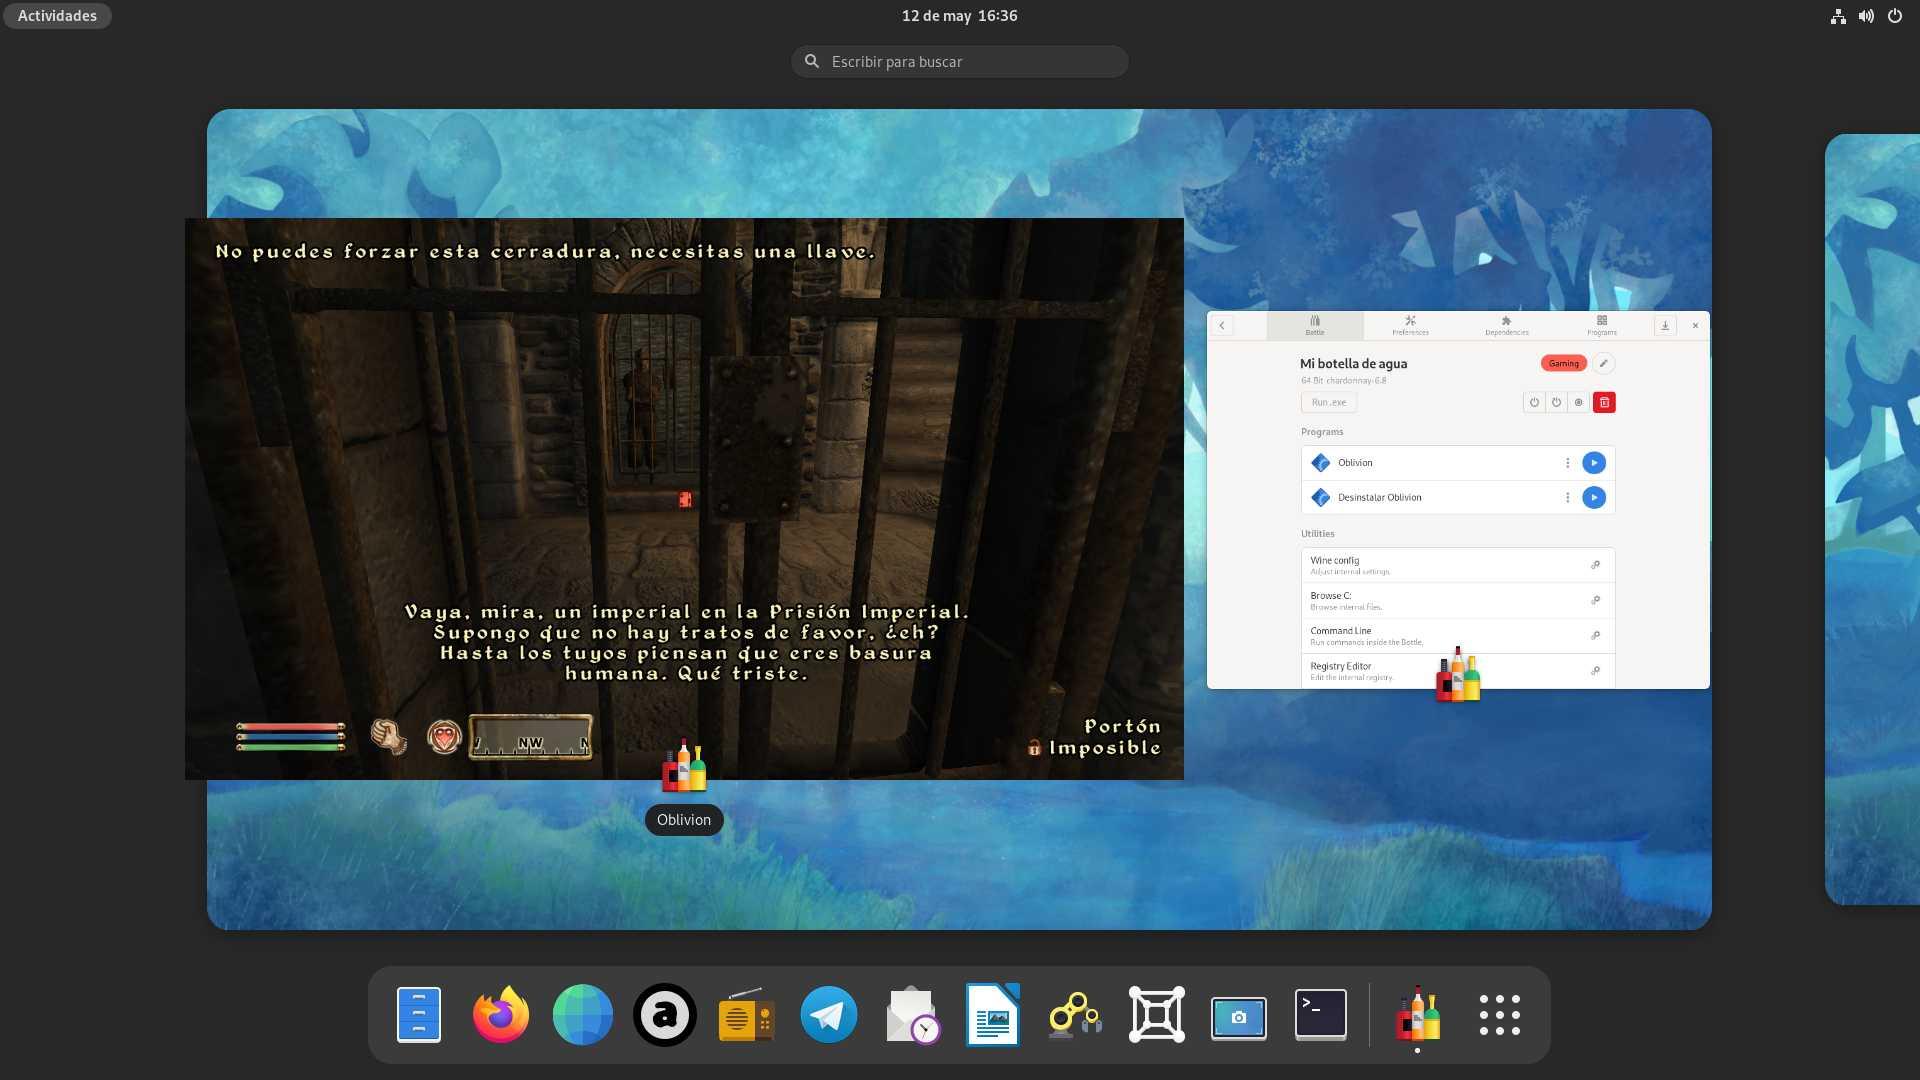 The Elder Scrolls: Oblivion ejecutado en Fedora 34 Workstation con la versión Flatpak de Bottles